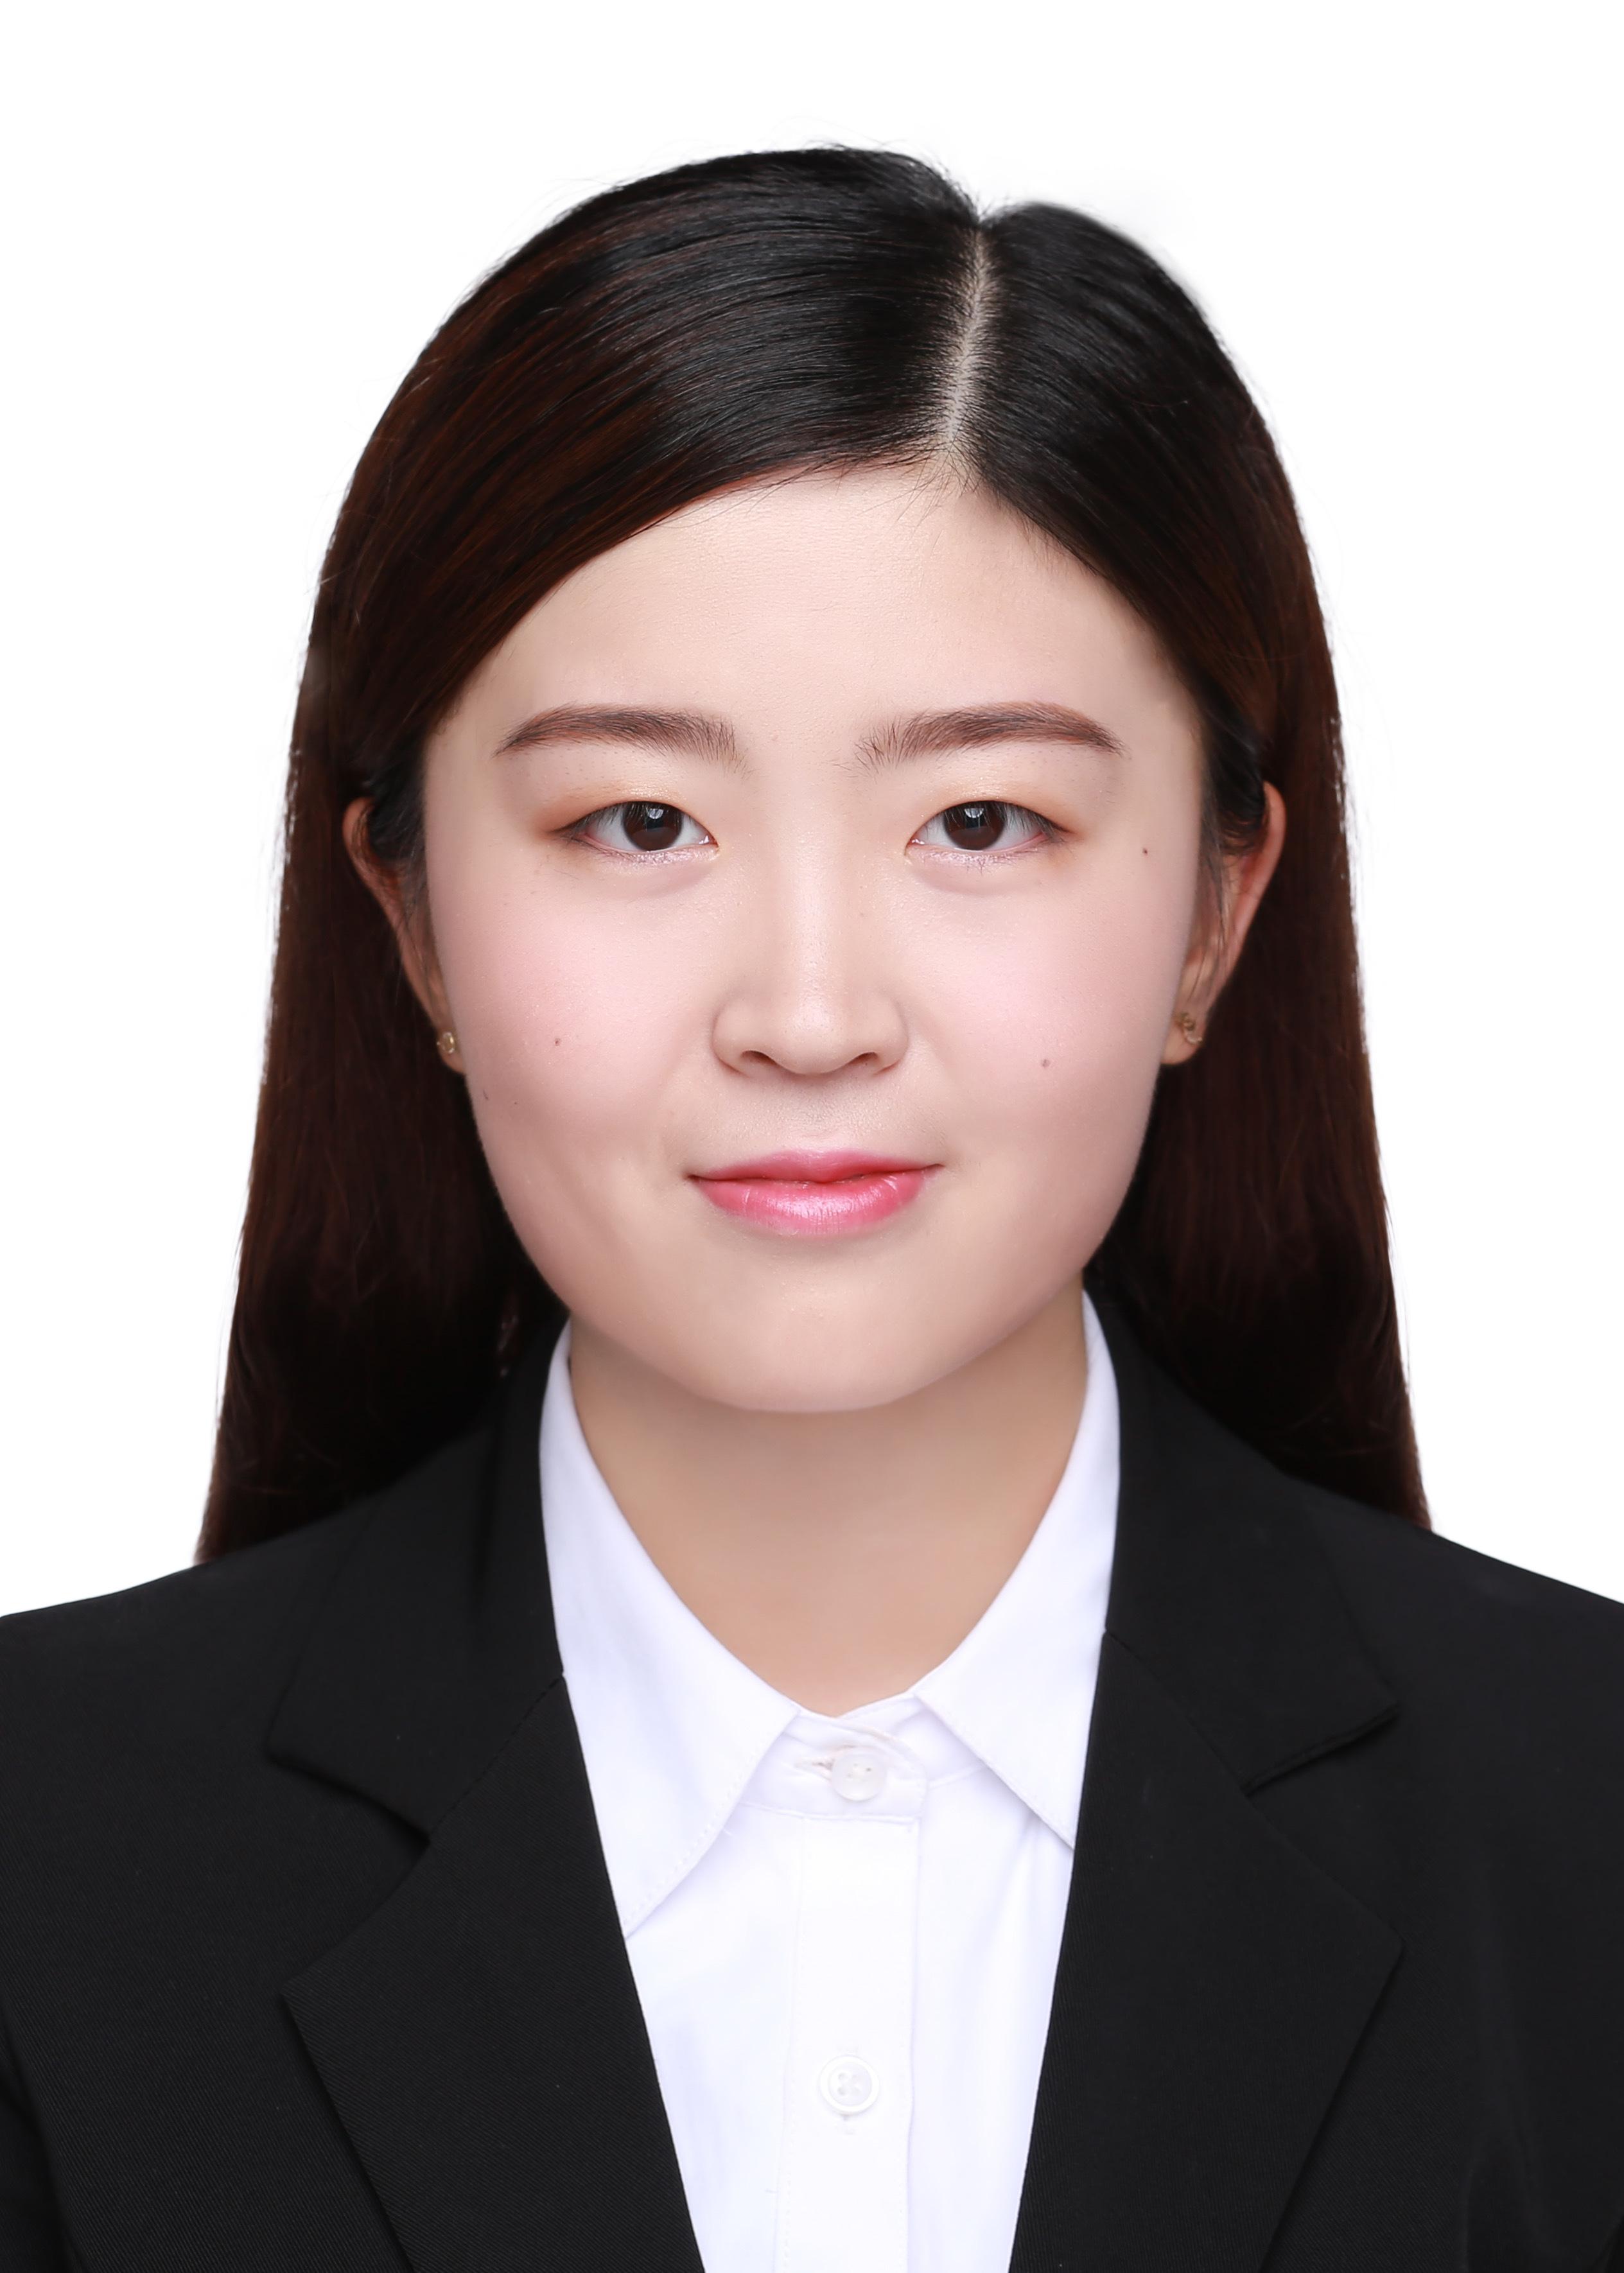 绵阳家教吴教员